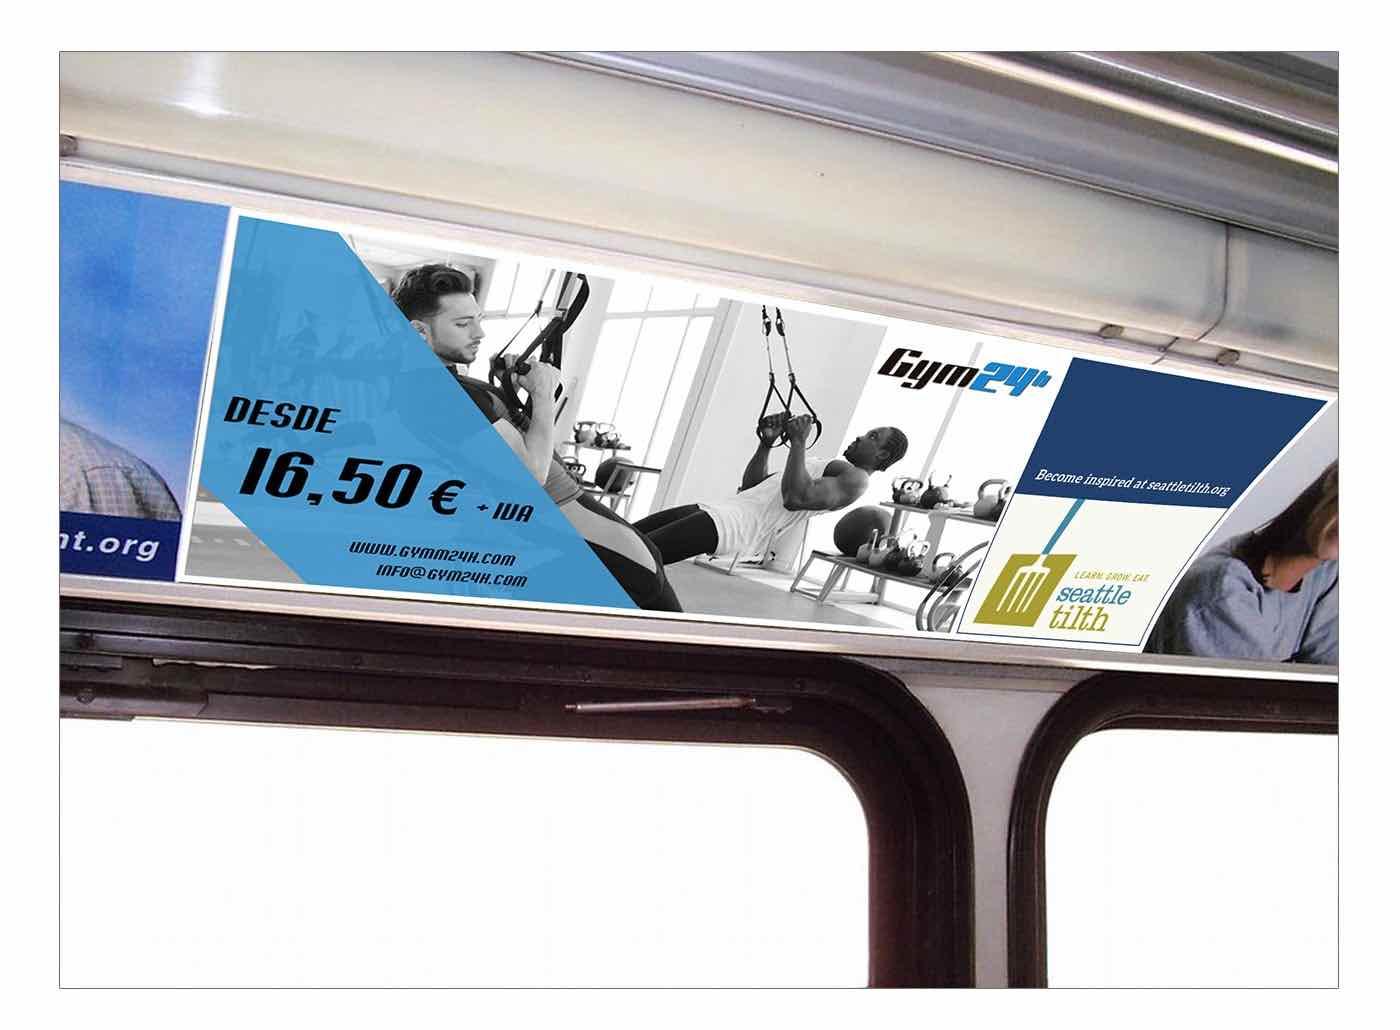 Joan-ibanez-diseño-publicidad-metro-valencia